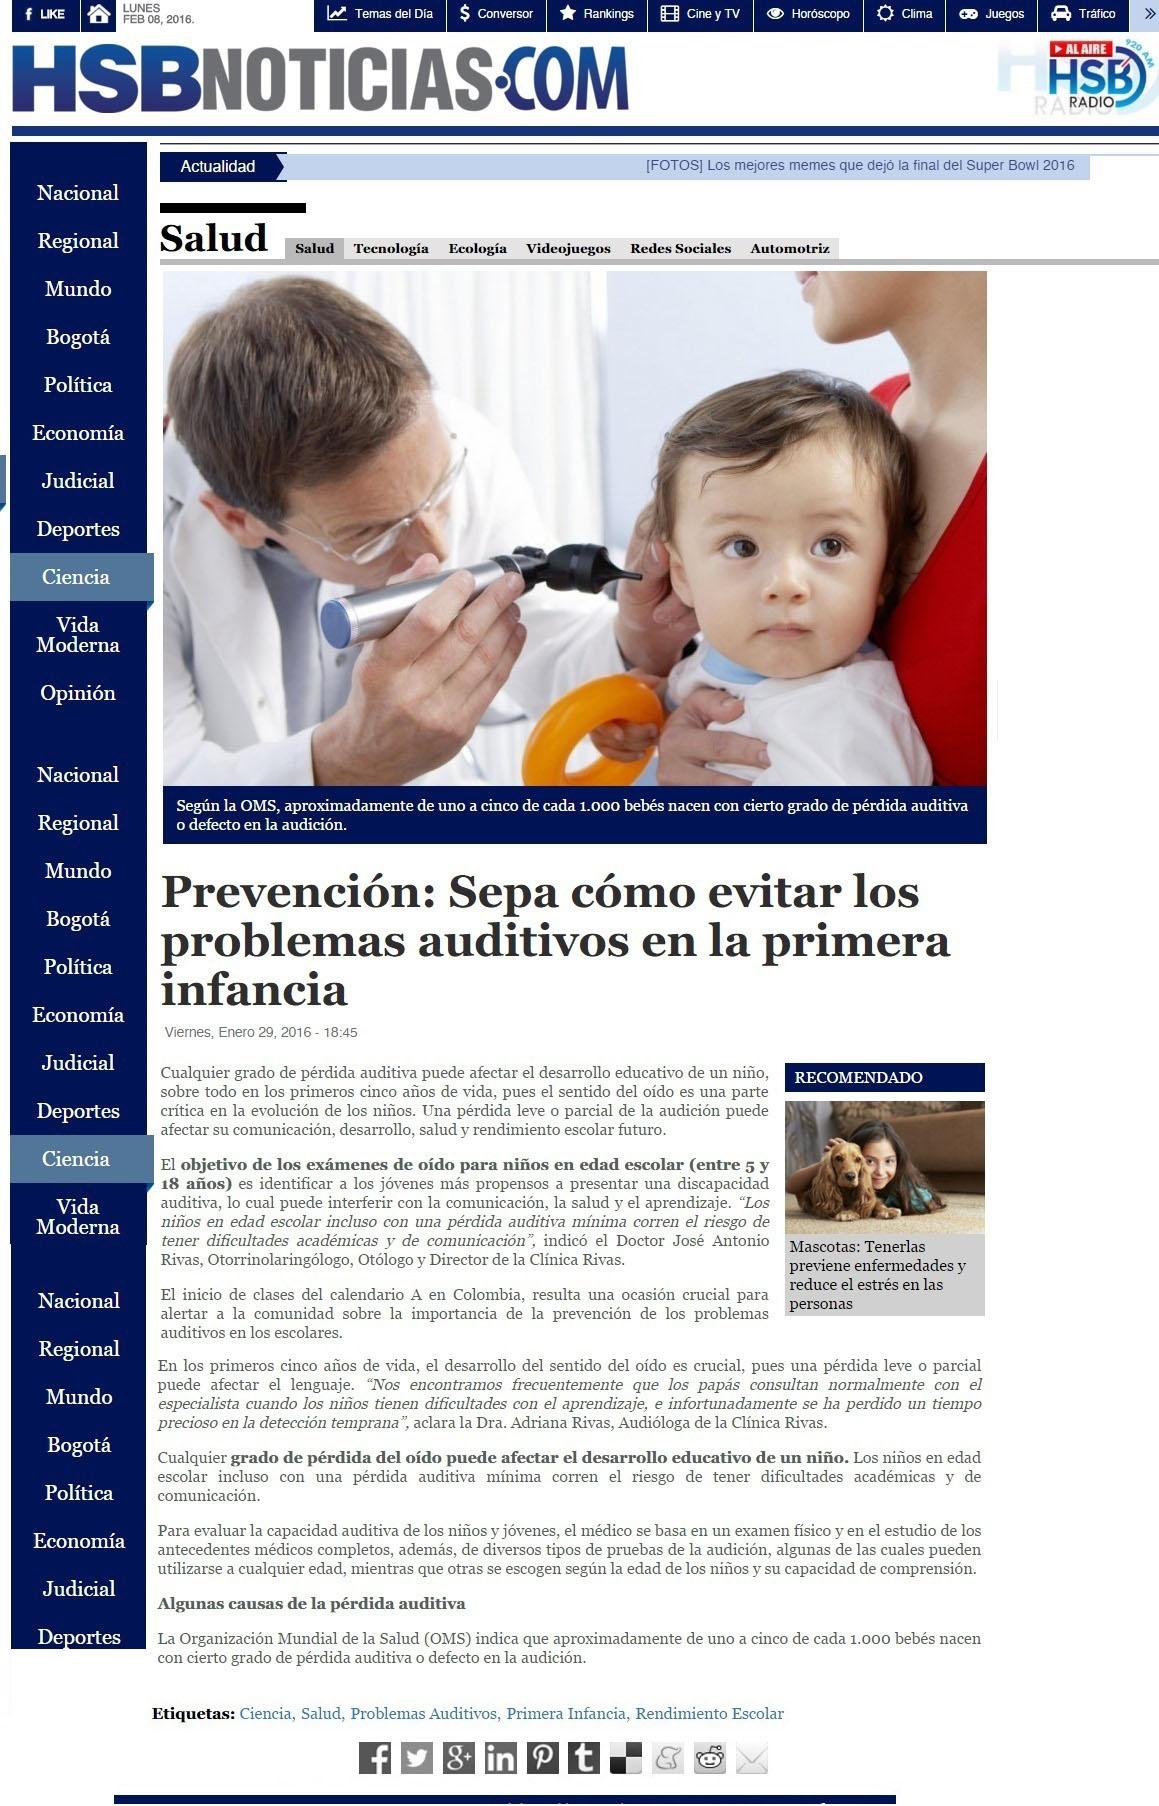 HSBNOTICIAS.COM 29 de enero 2016 Salud 1